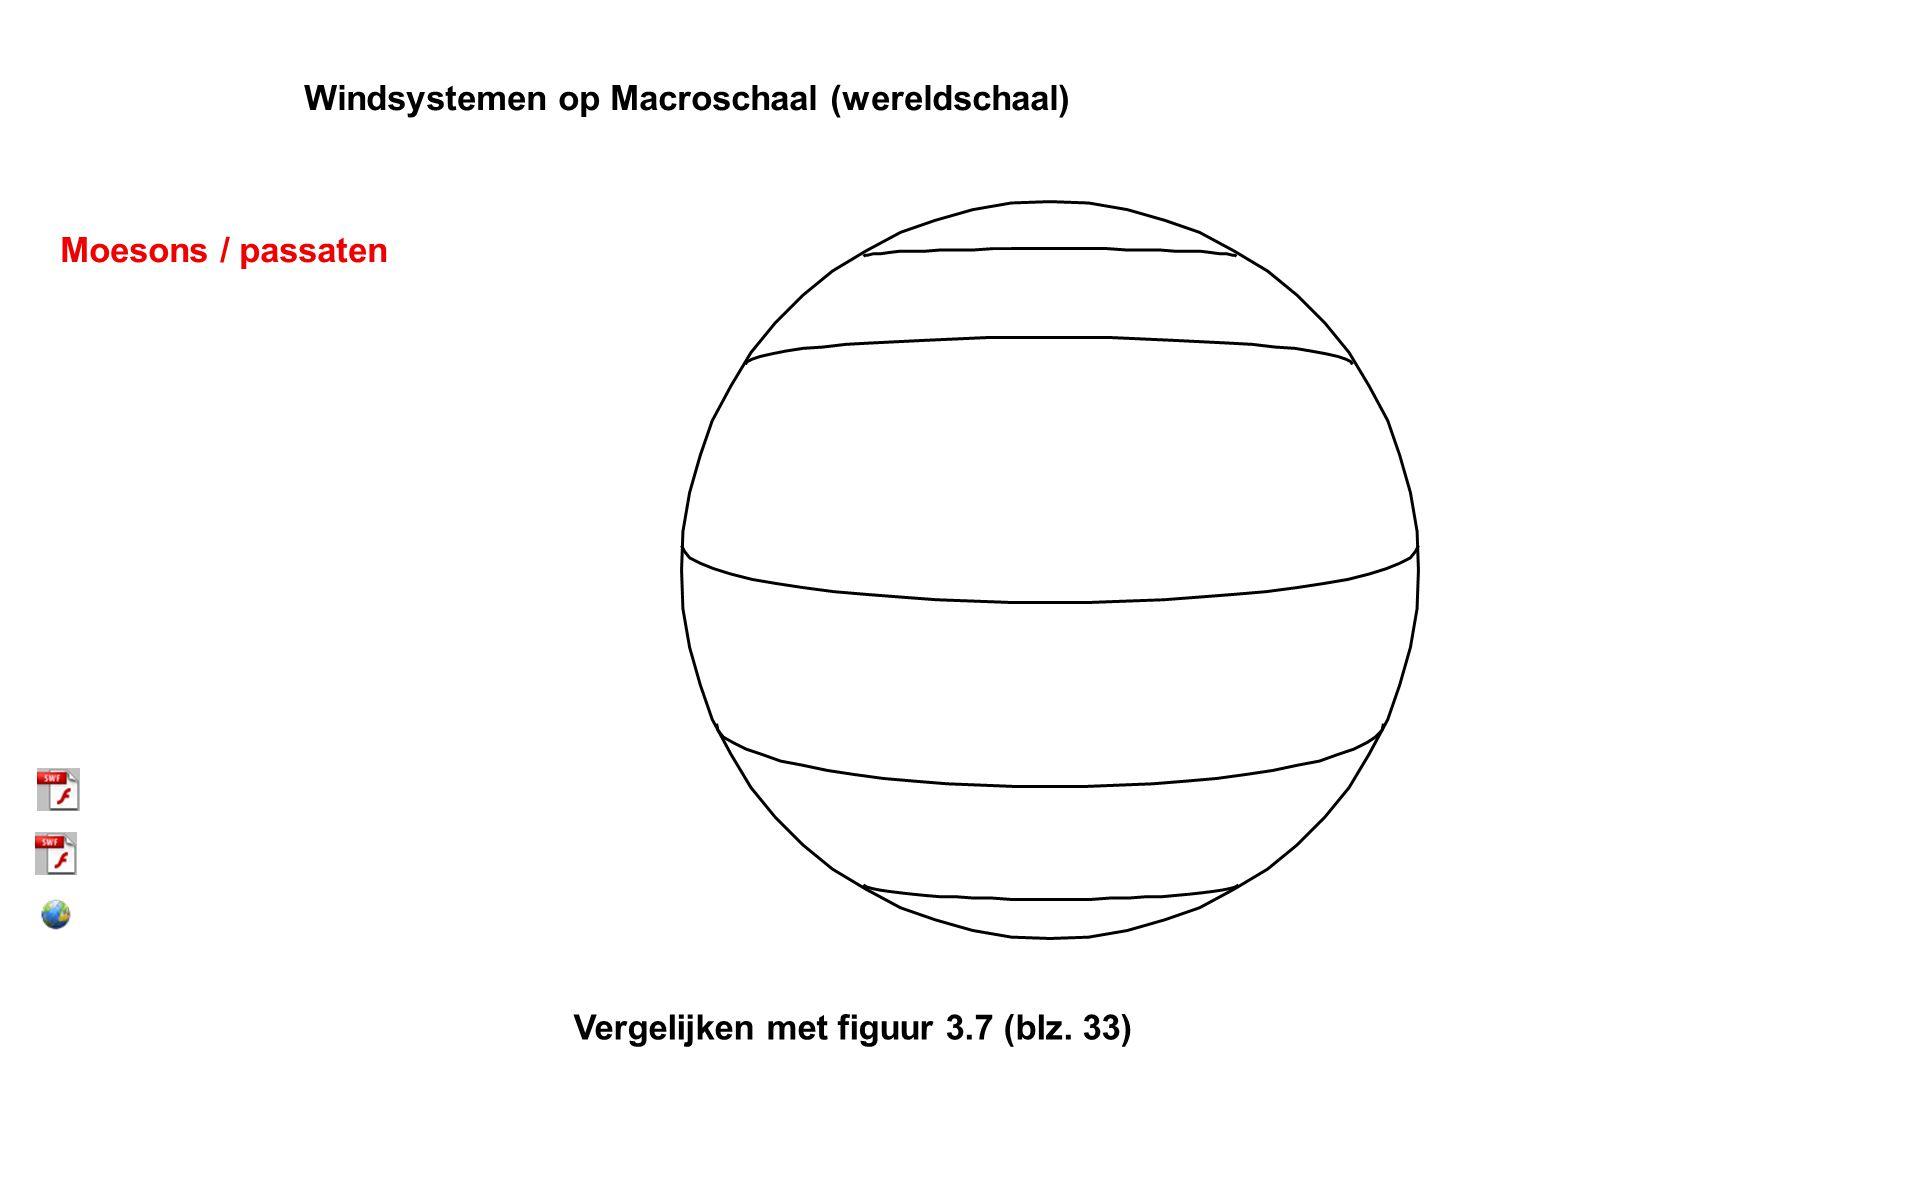 Windsystemen op Macroschaal (wereldschaal)